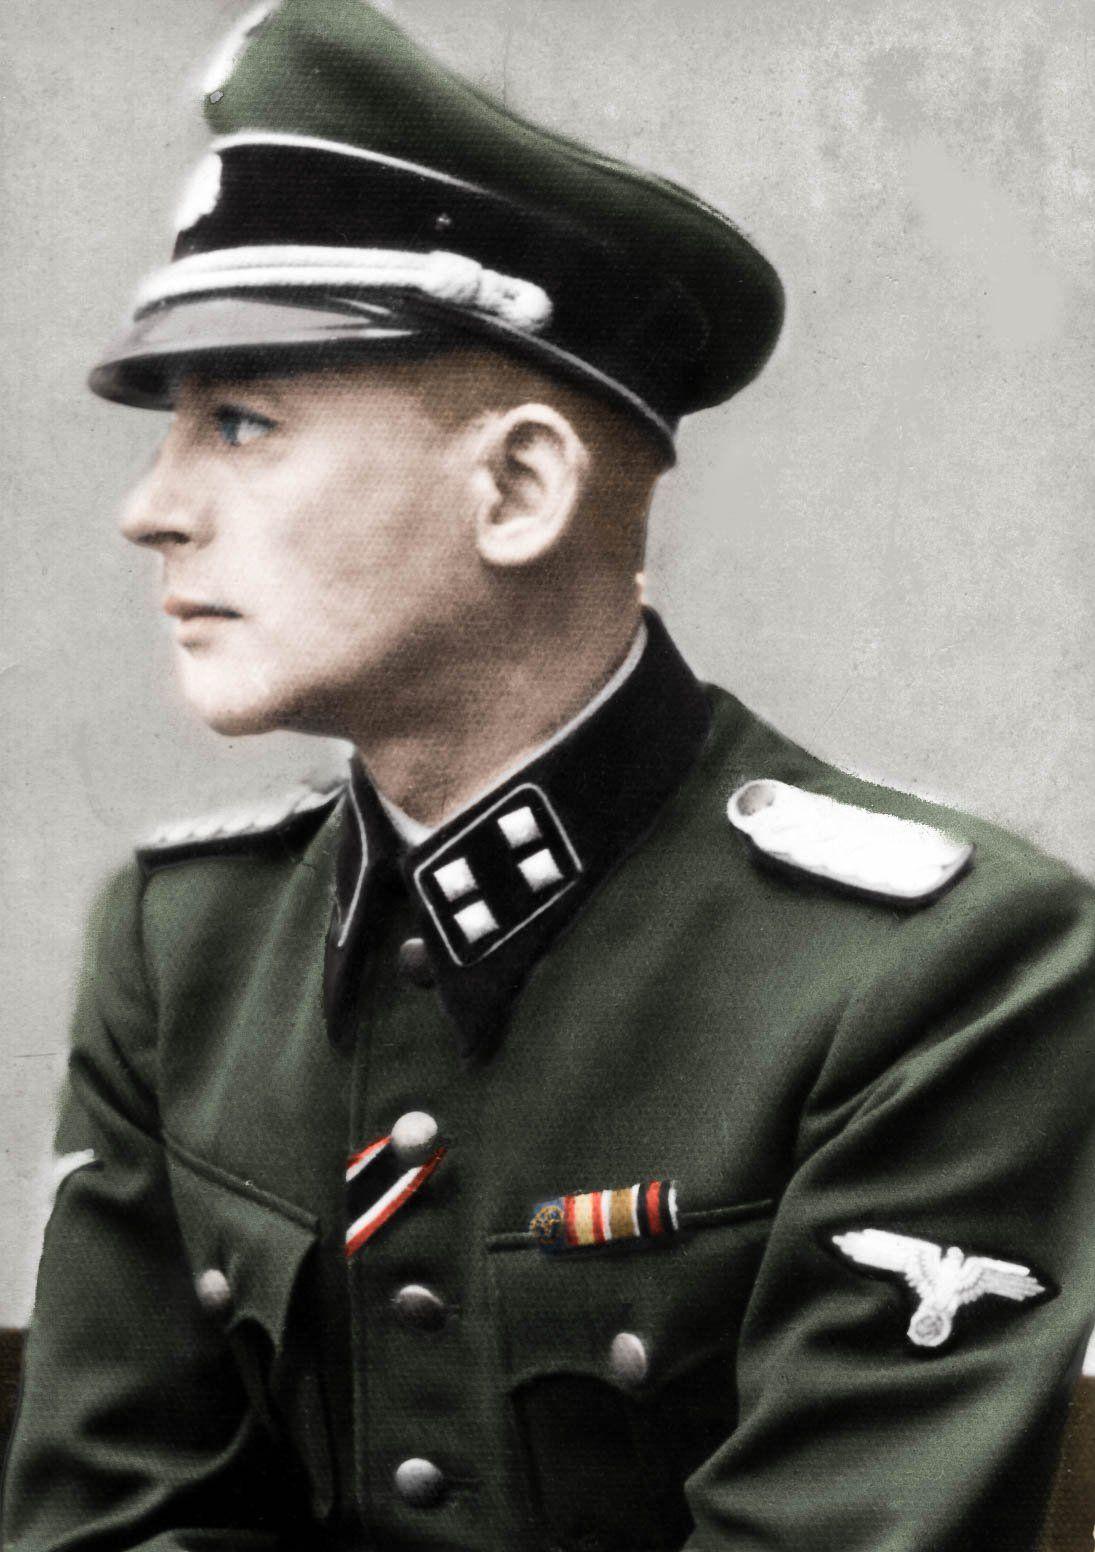 """Największy fałszerz w dziejach SS-Sturmbannführer Bernhard Krügerf na fotografii z czasów wojny. Zdjęcie z książki """"Mój dziadek fałszerz"""" (źródło: archiwum rodziny Krüger; koloryzacja: RK)."""